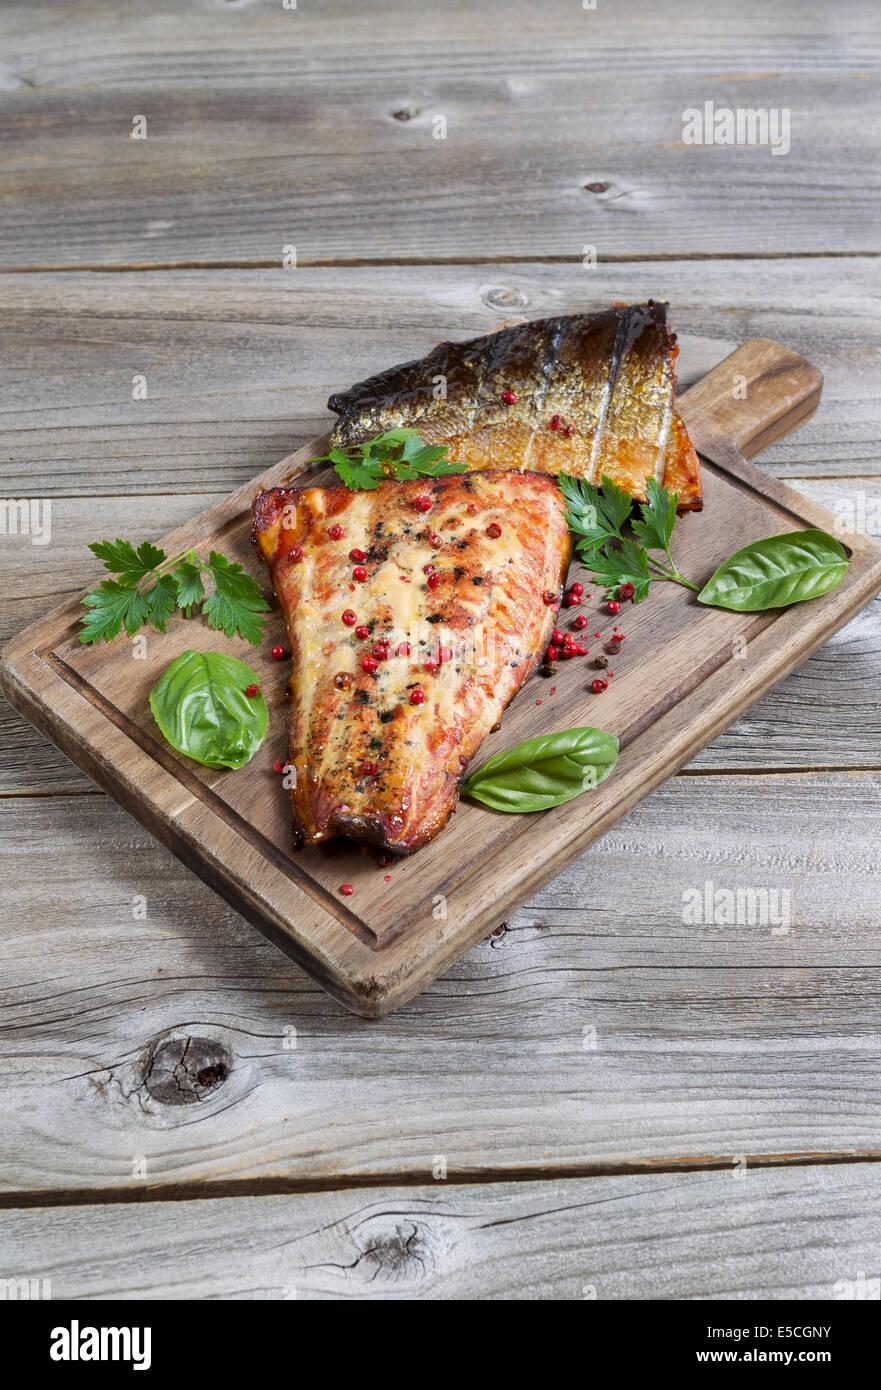 Vista verticale di salmone affumicato filetti, fresco di fornello, con il condimento sulla scheda servente con legno Immagini Stock